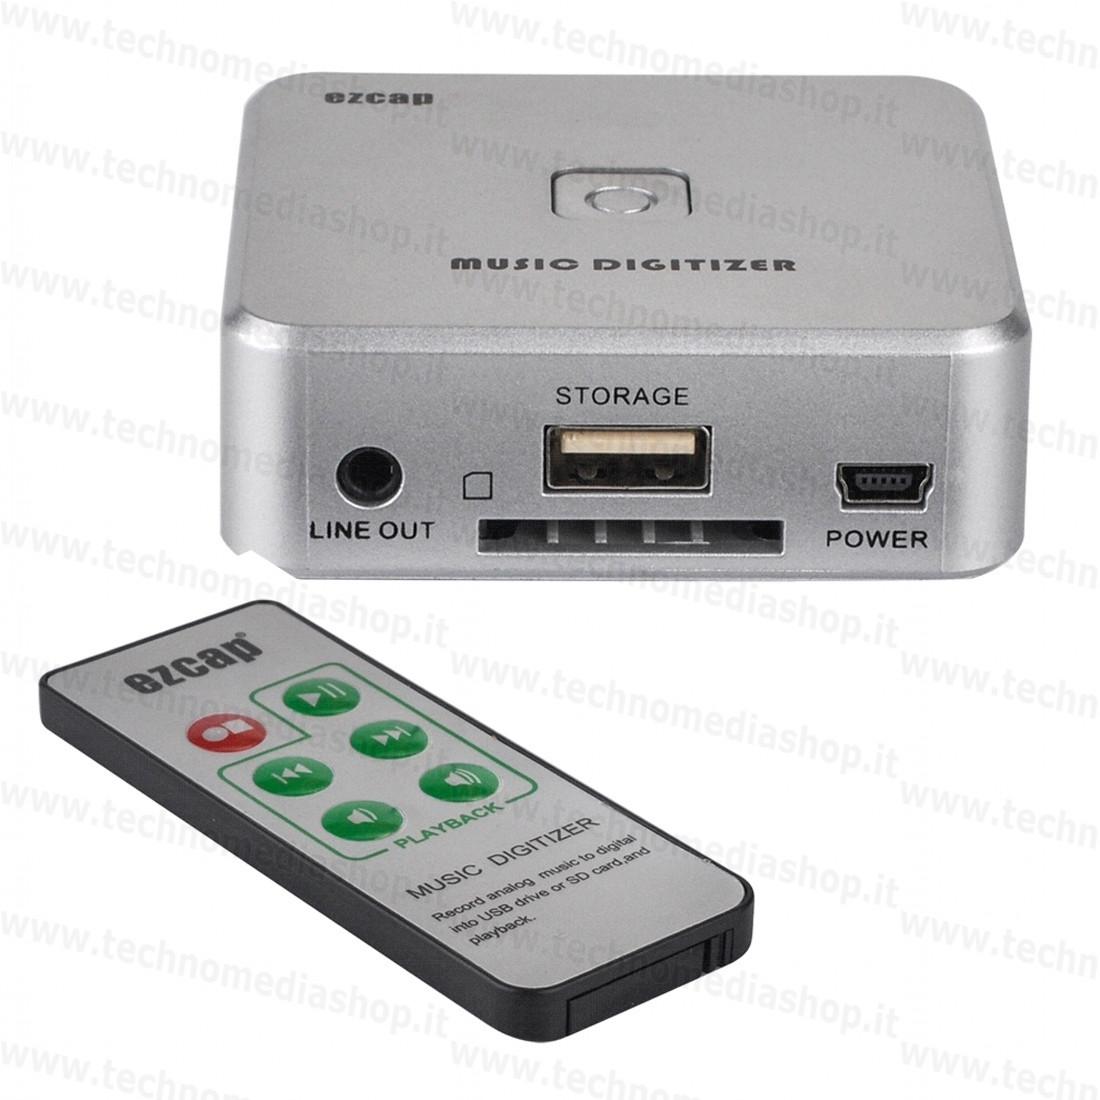 Rif07 - Registratore convertitore acquisizione recording Mp3 da Linea audio  recorder capture stereo Line in Rca Jack music digitizer